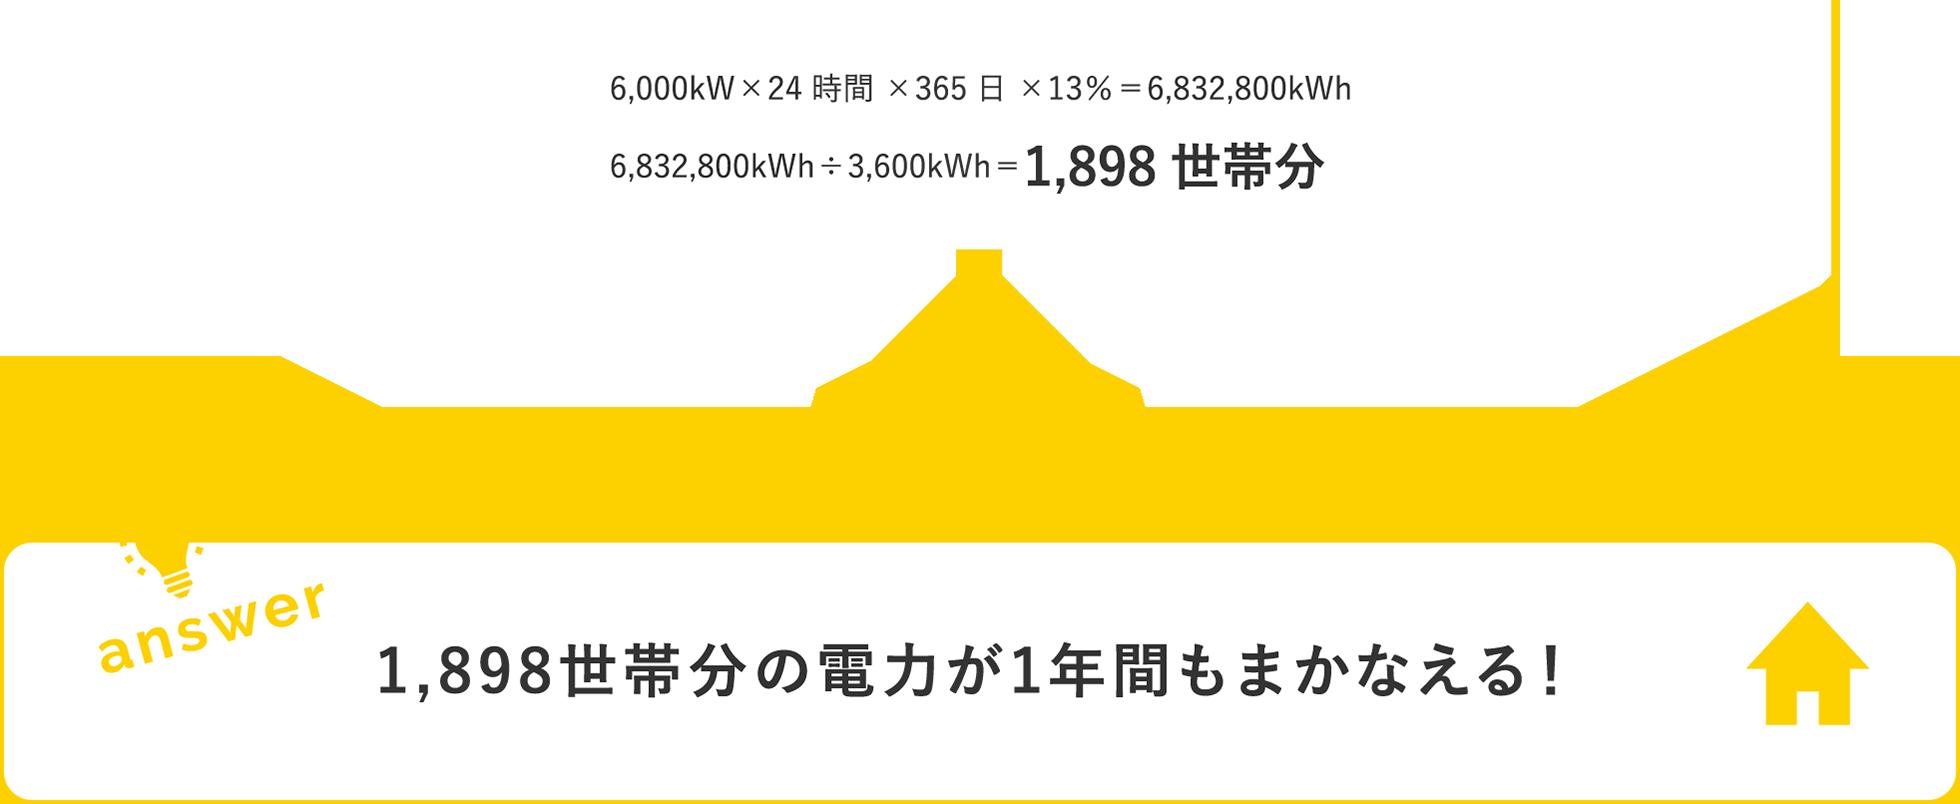 1,898世帯分!1,898世帯分の電力が1年間もまかなえる!